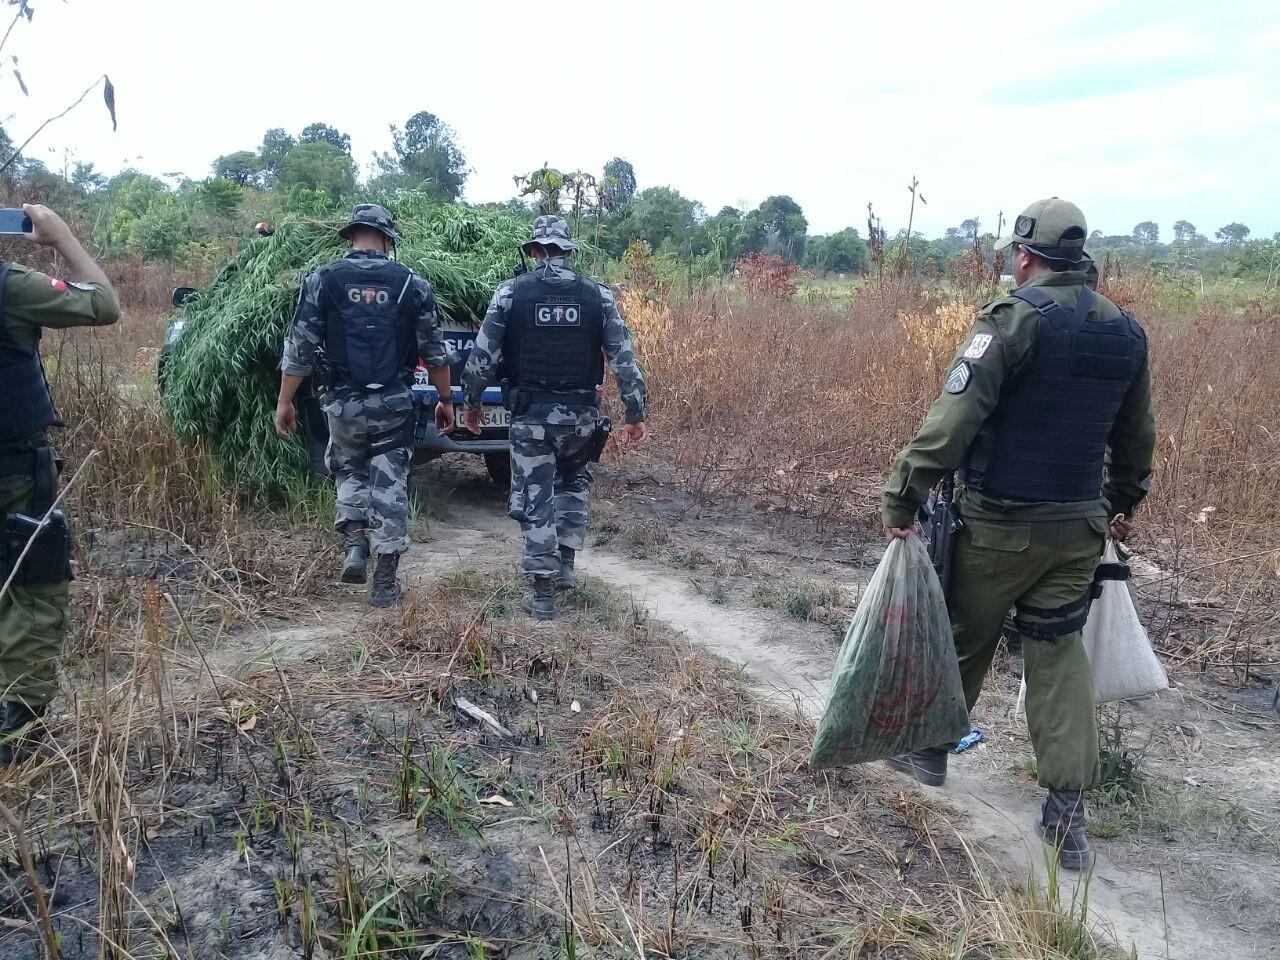 Polícia apreende 5 mil pés de maconha em Aurora do Pará